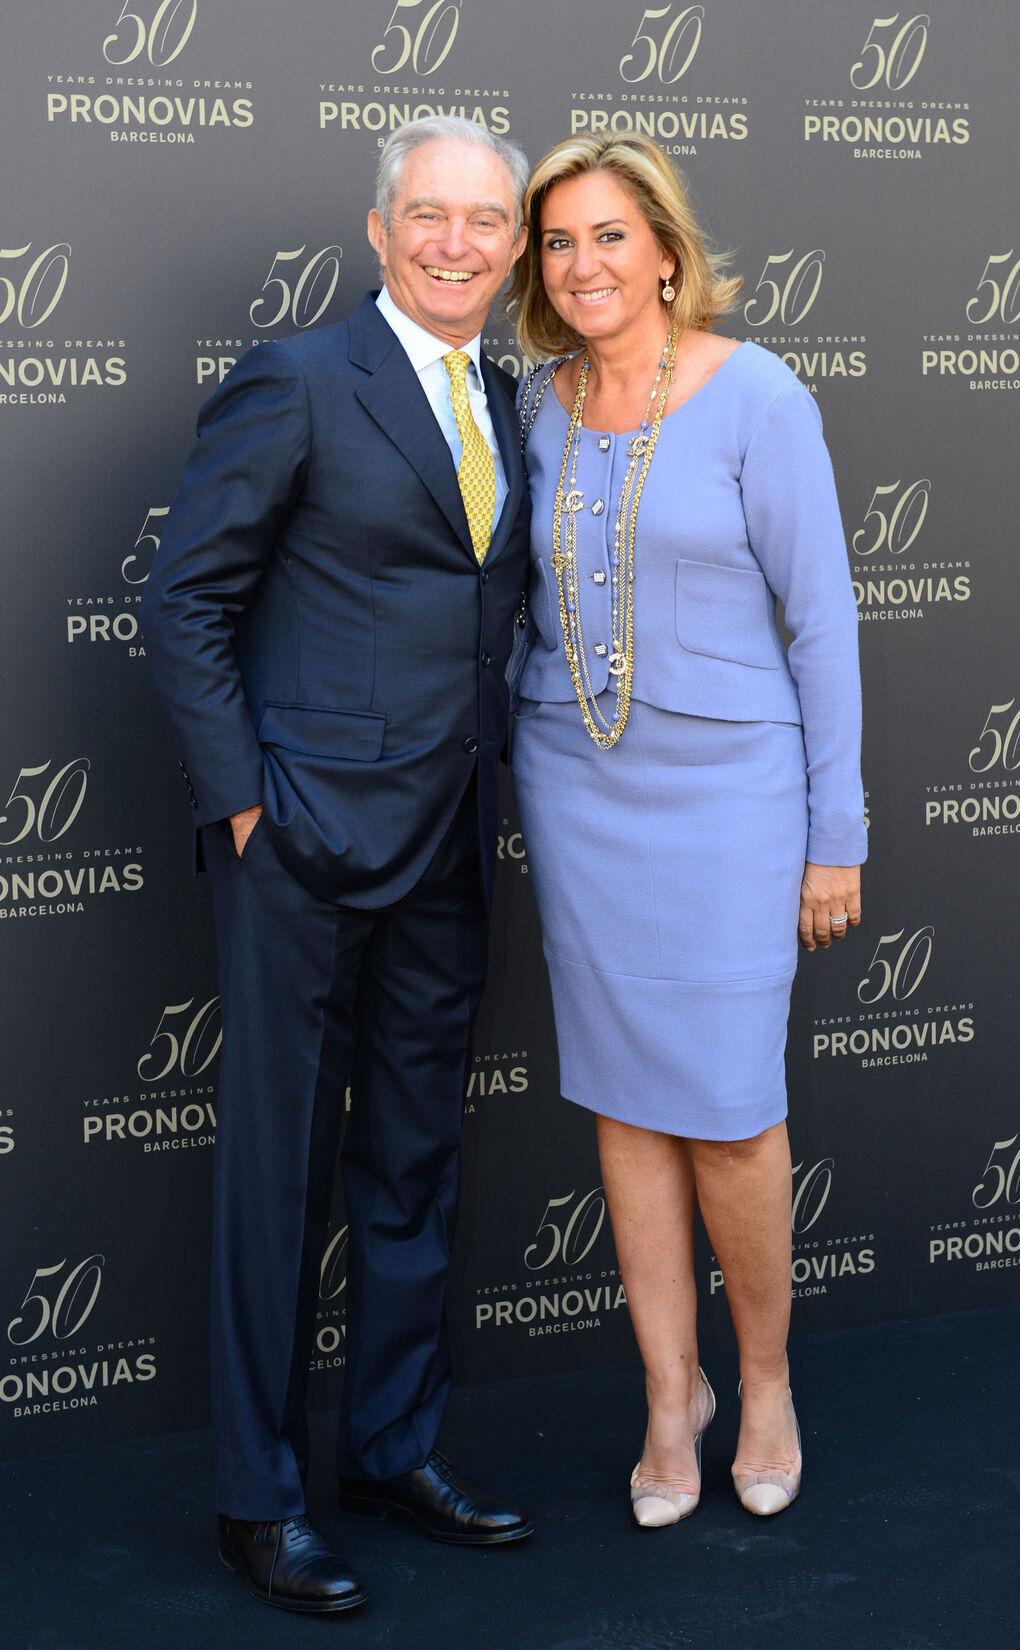 El imperio de Pronovias se tambalea: Alberto Palatchi y Susana Gallardo se separan